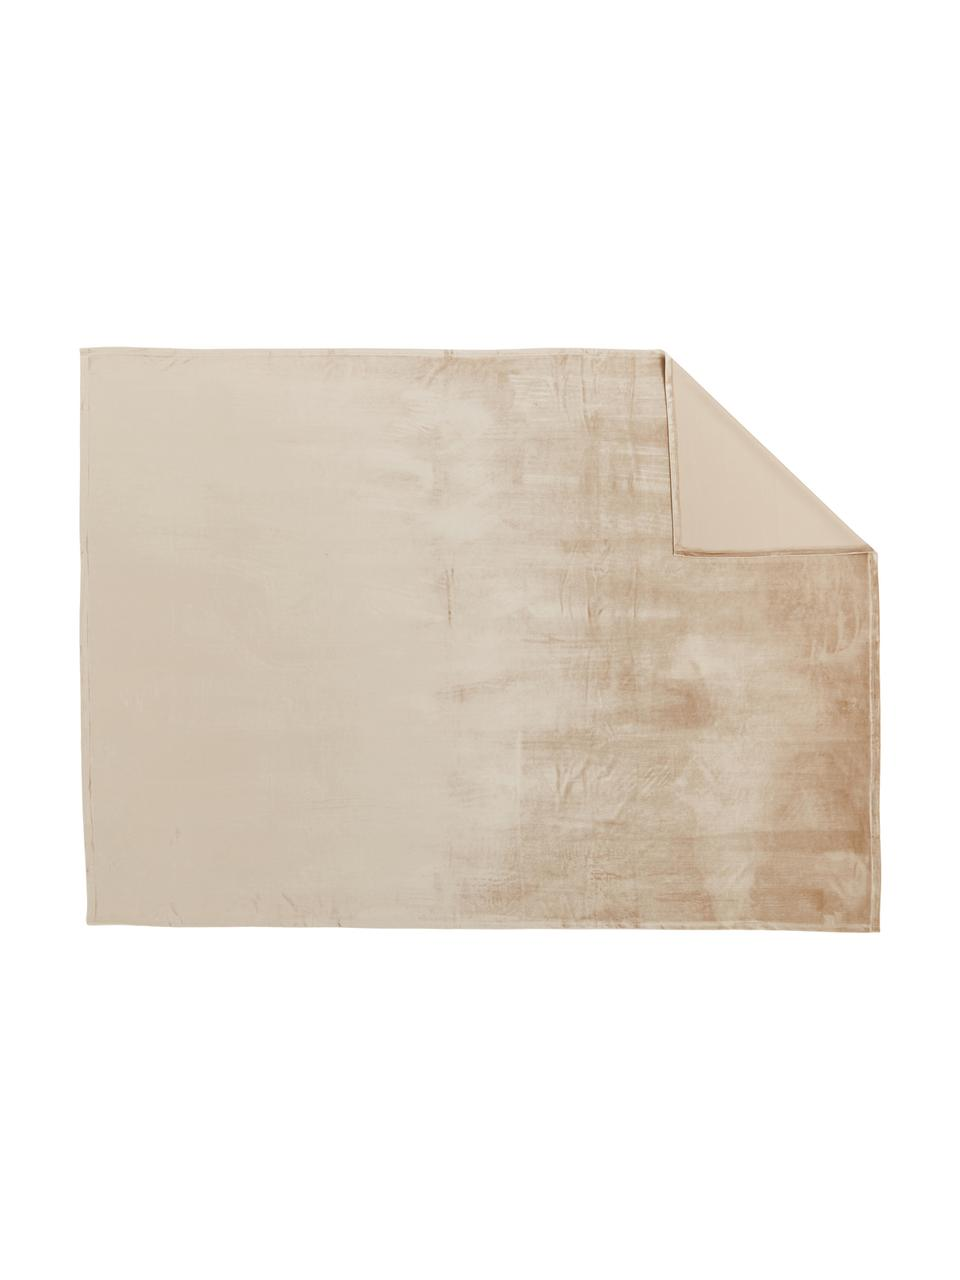 Tovaglia in velluto Simone, Velluto di poliestere, Beige, Per 4 - 6 persone (Larg. 140 x Lung. 200 cm)